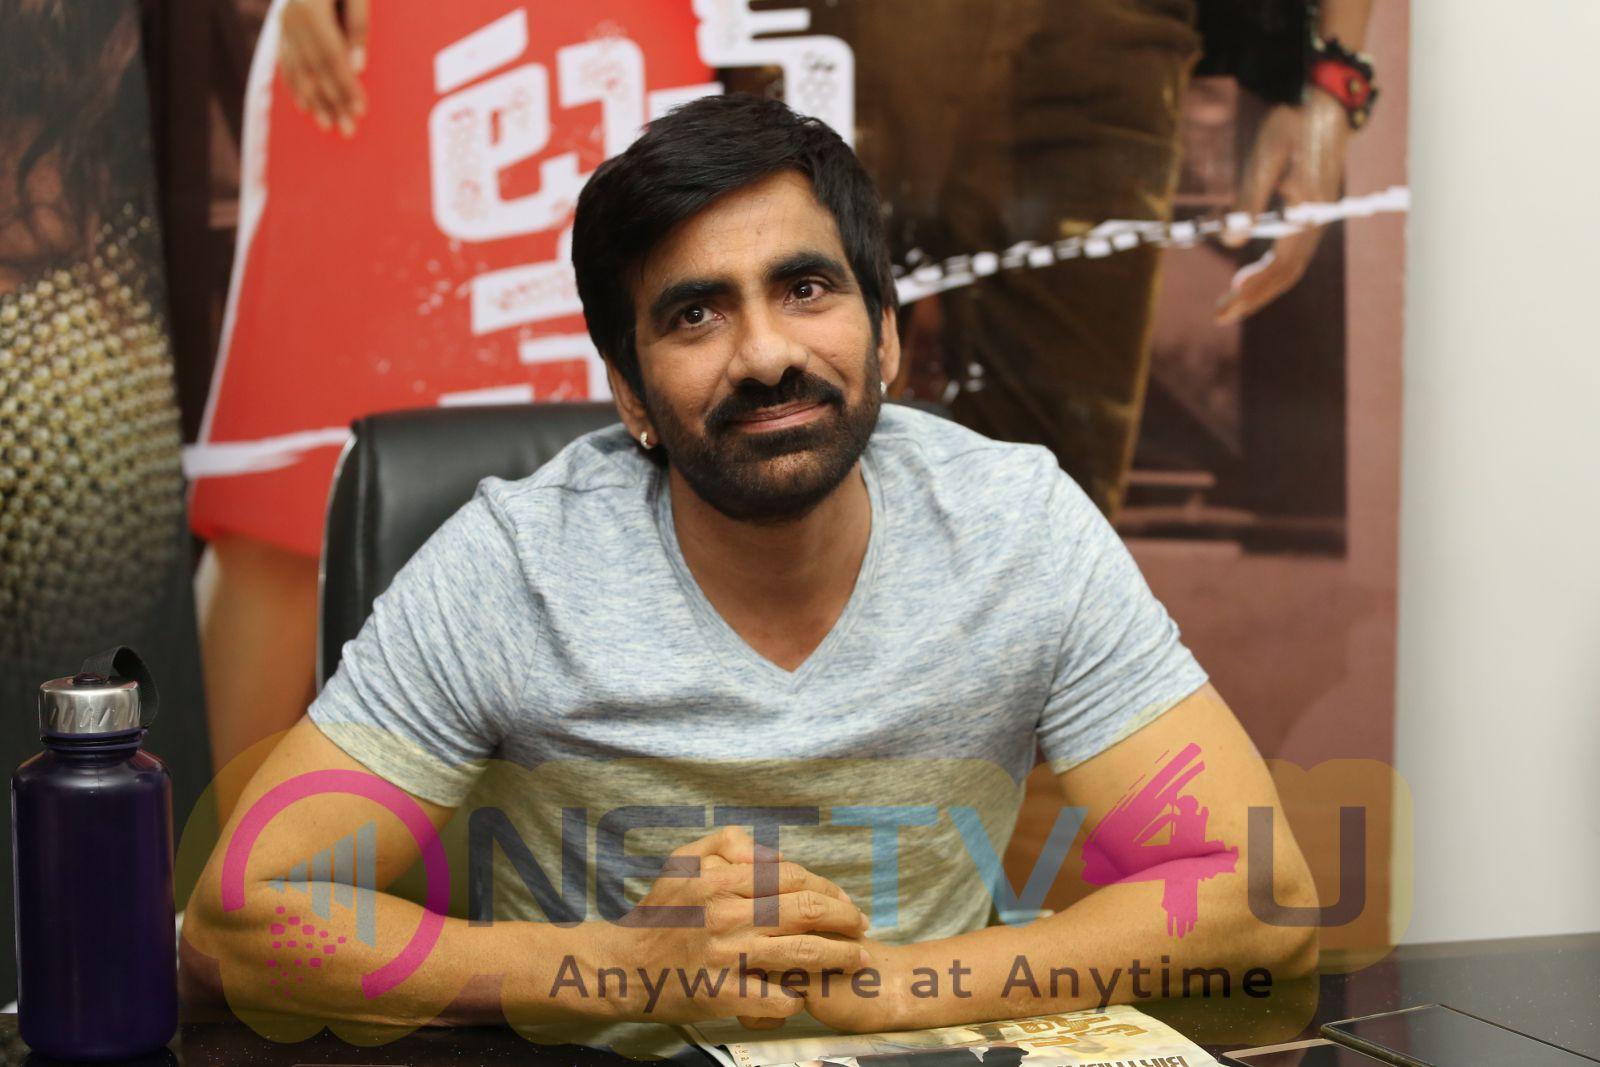 Actor Ravi Teja Good Looking Images